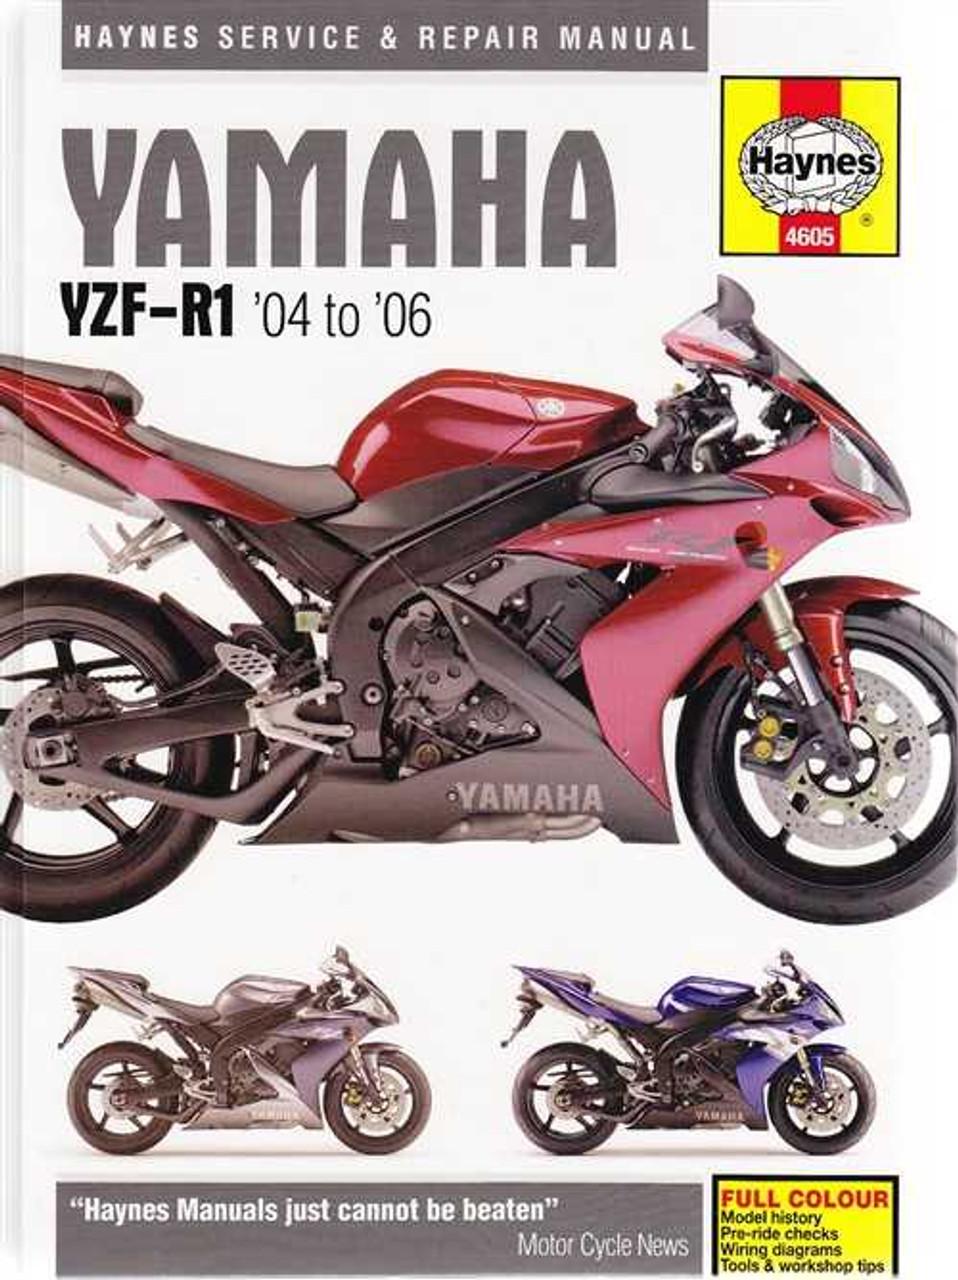 Yamaha Yzf R1 2004 2006 Workshop Manual